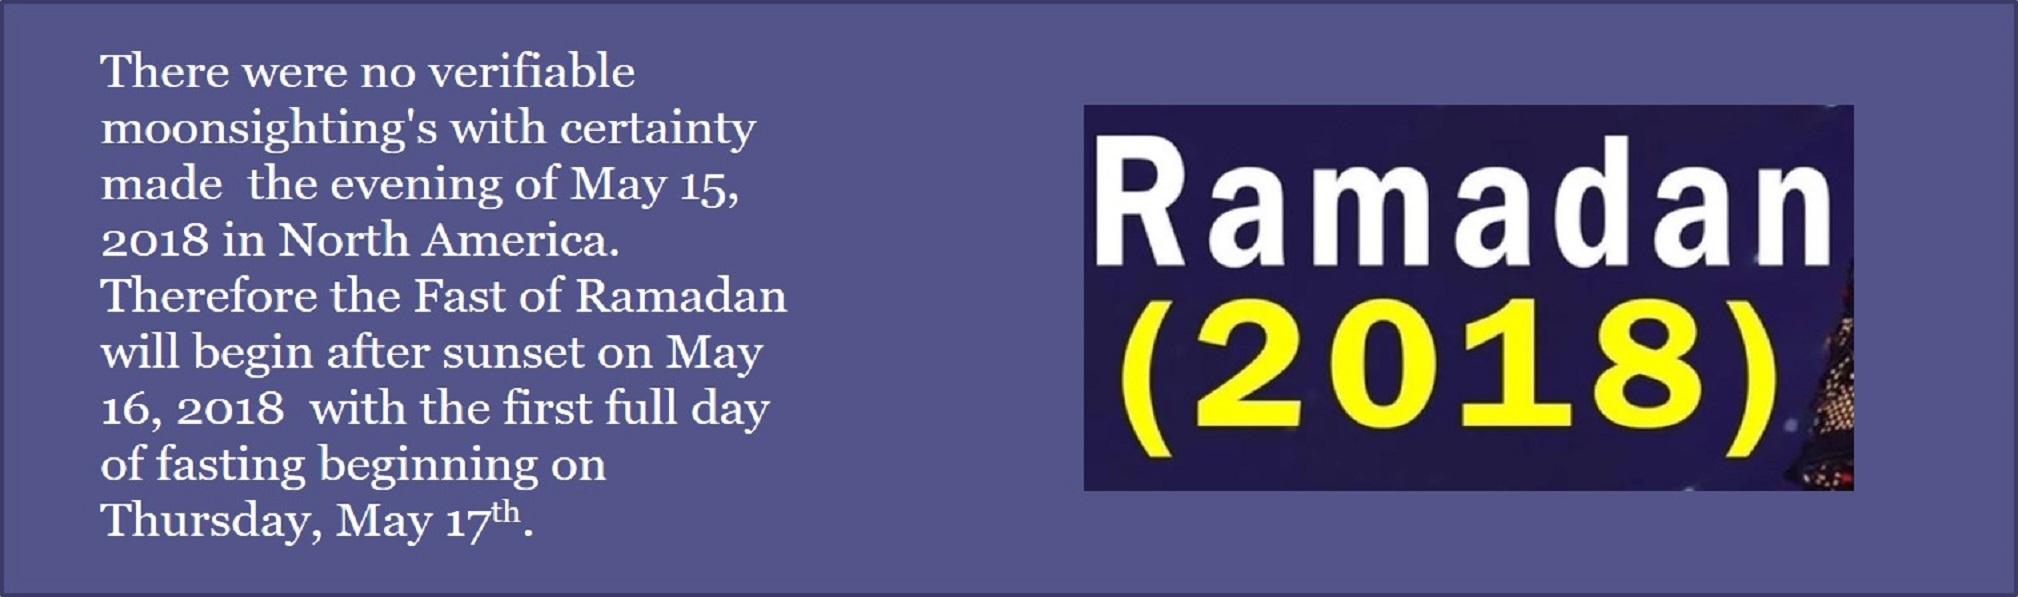 Ramadan2018v2